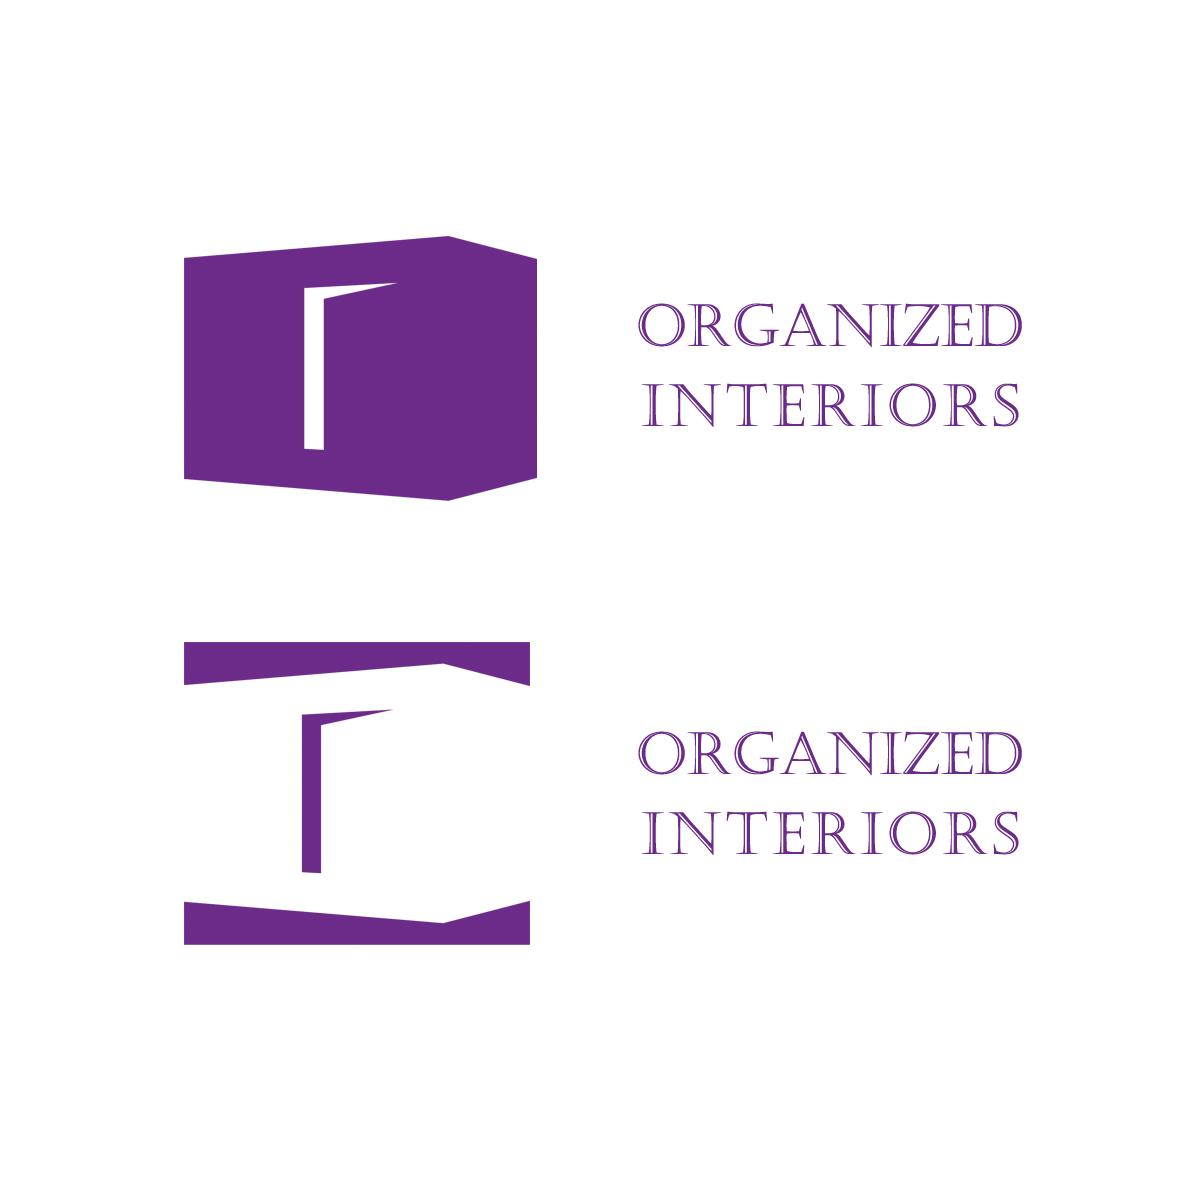 Logo Design by Private User - Entry No. 71 in the Logo Design Contest Imaginative Logo Design for Organized Interiors.